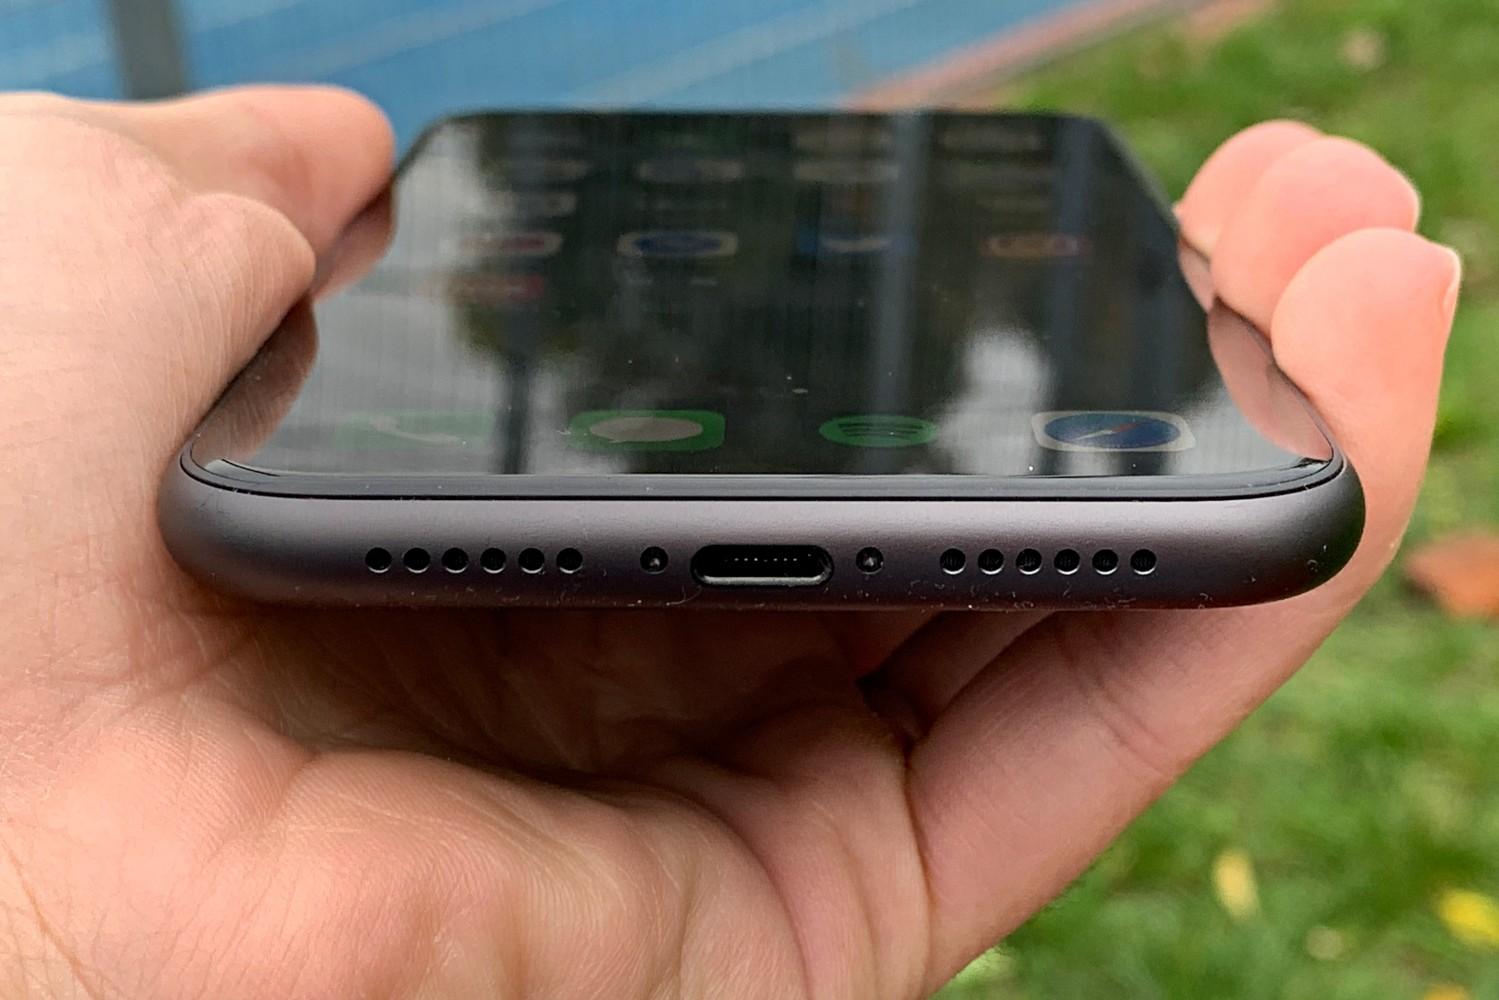 Jaki smartfon do 3500 złotych warto kupić? 21 smartfon